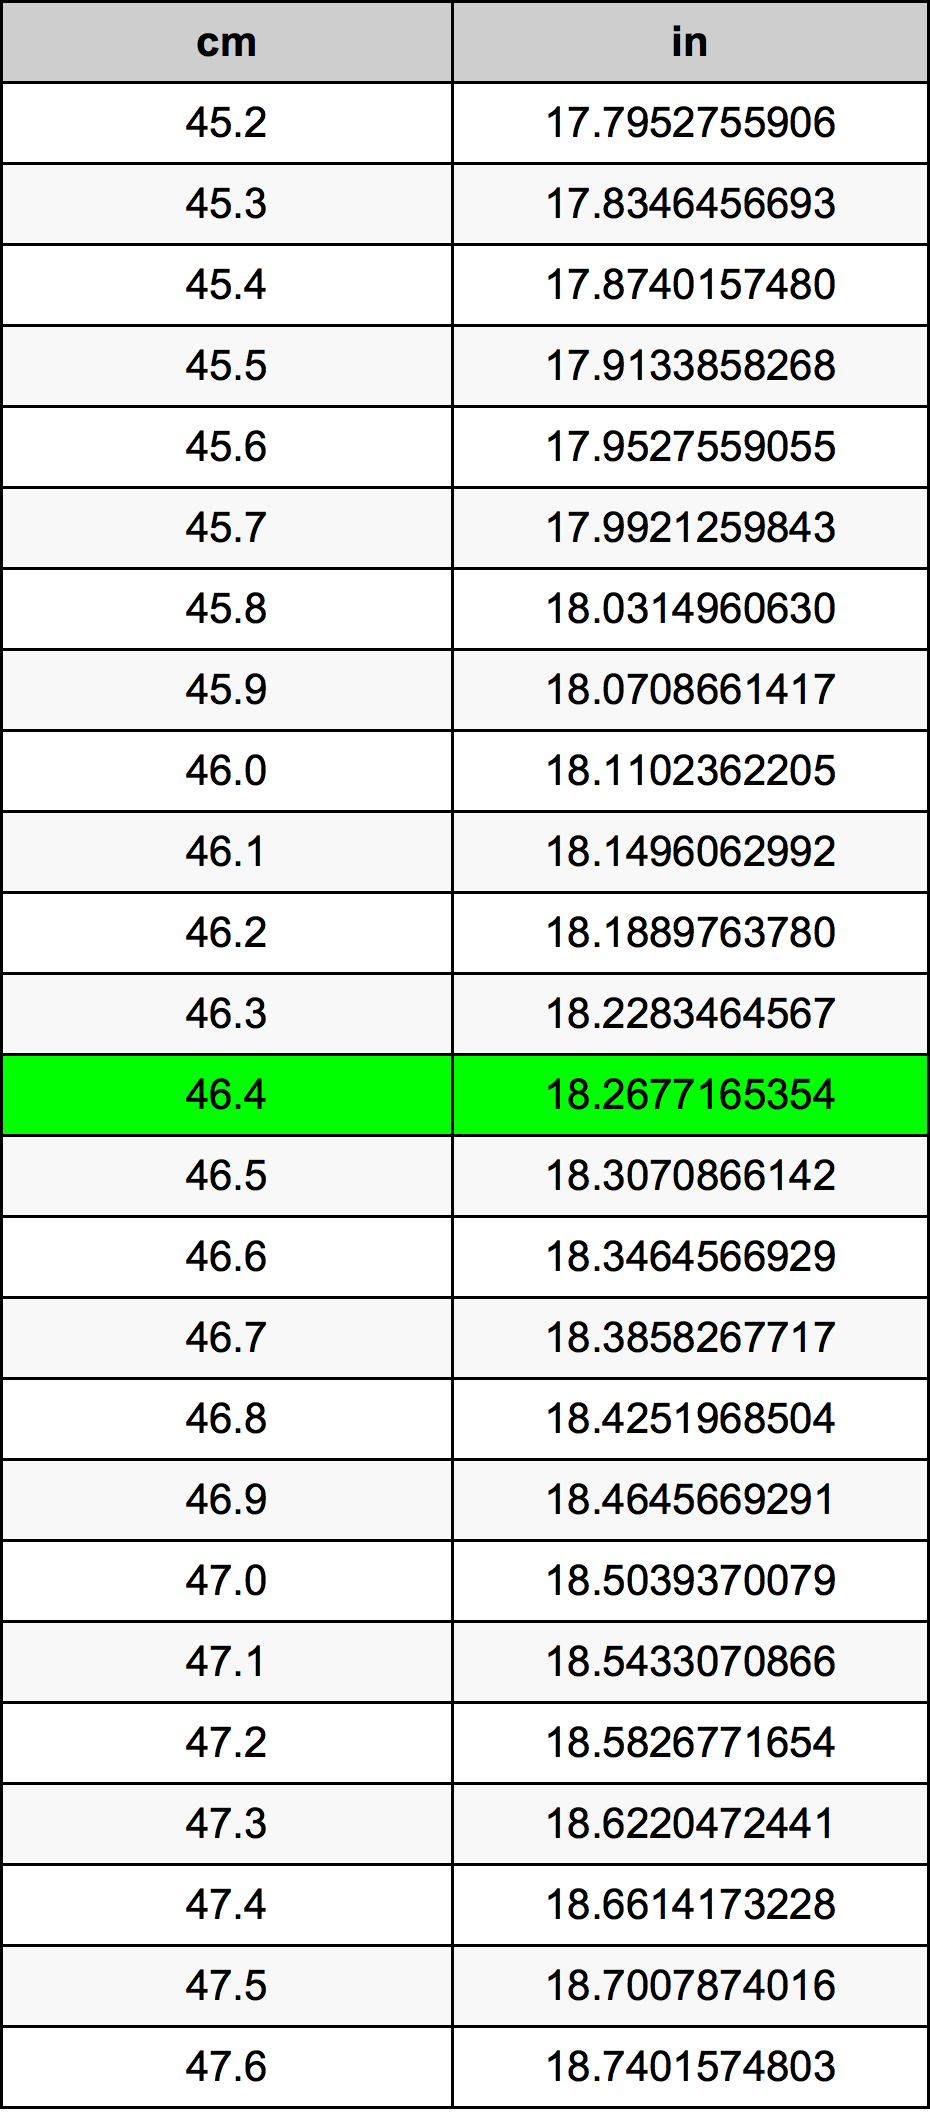 46.4 Xentimét bảng chuyển đổi